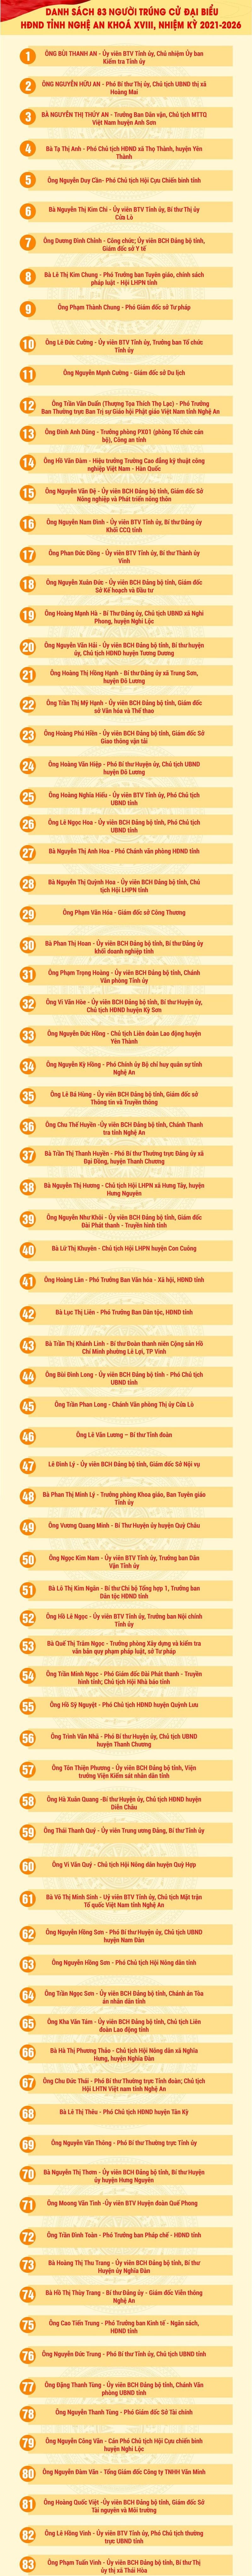 Công bố danh sách 83 đại biểu HĐND tỉnh Nghệ An  - ảnh 3